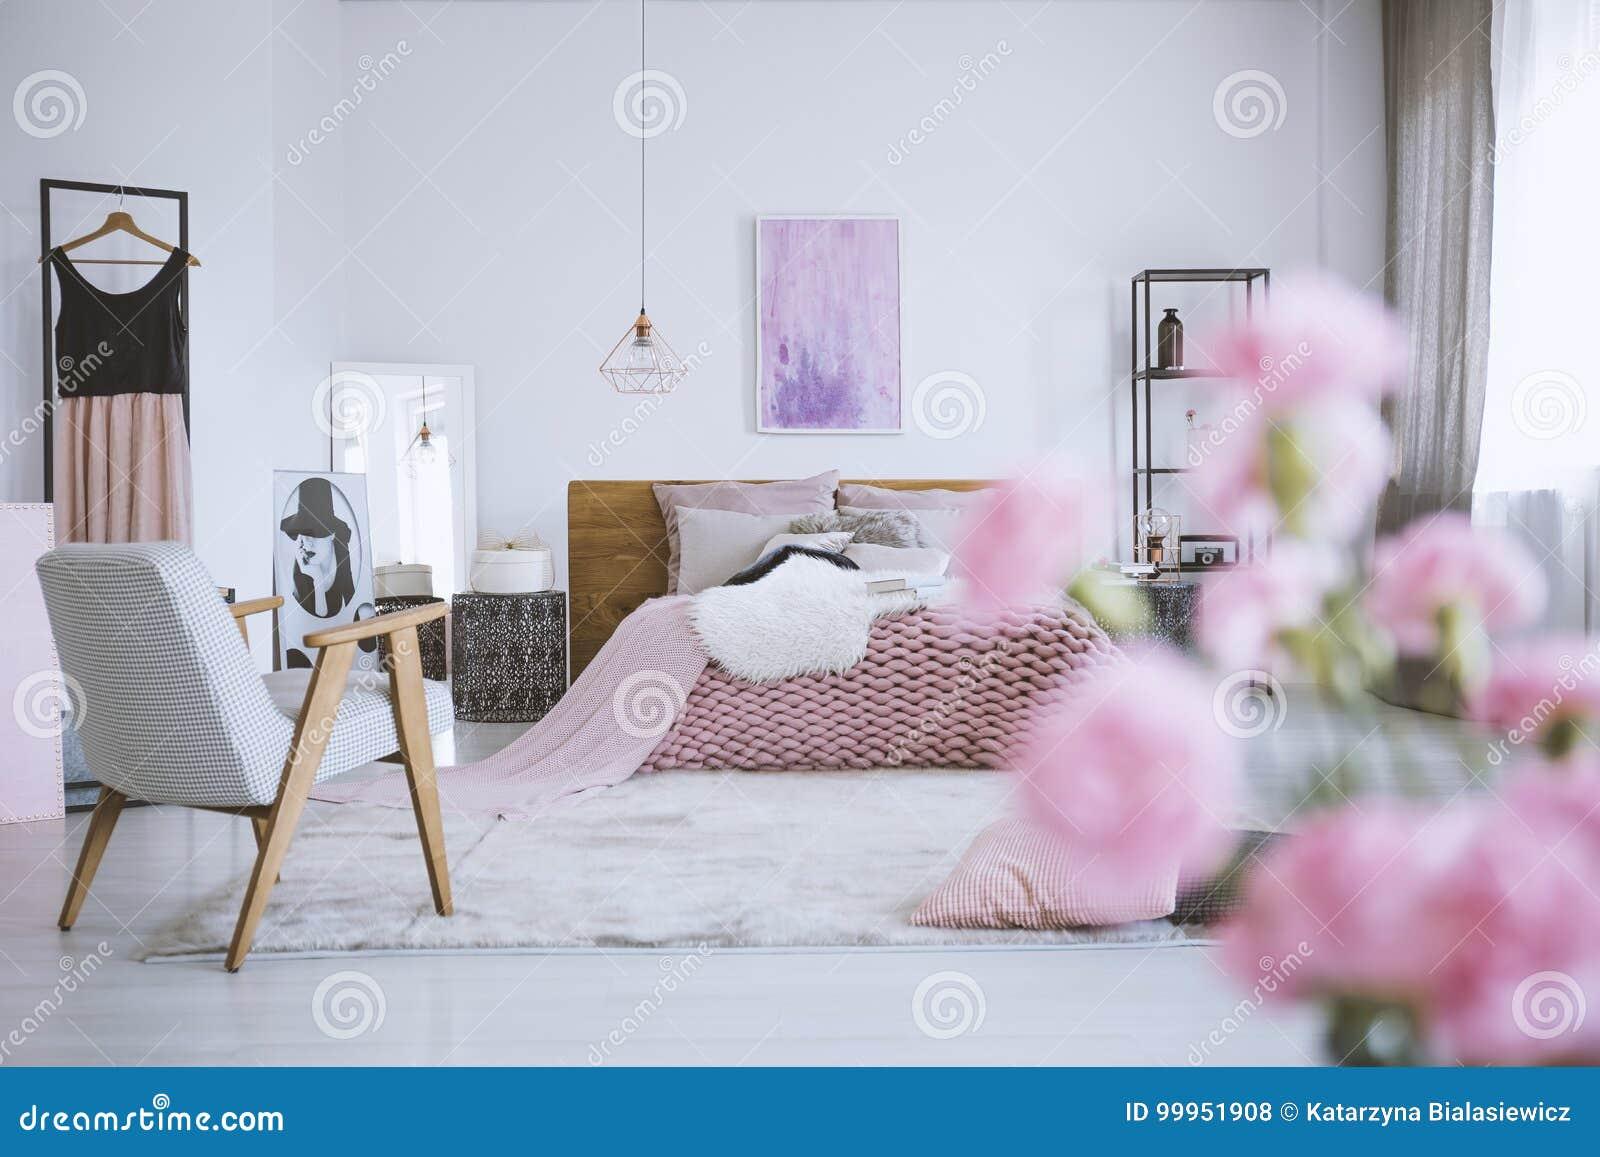 Blumen Im Schicken Rosa Schlafzimmer Stockfoto - Bild von anstrich ...